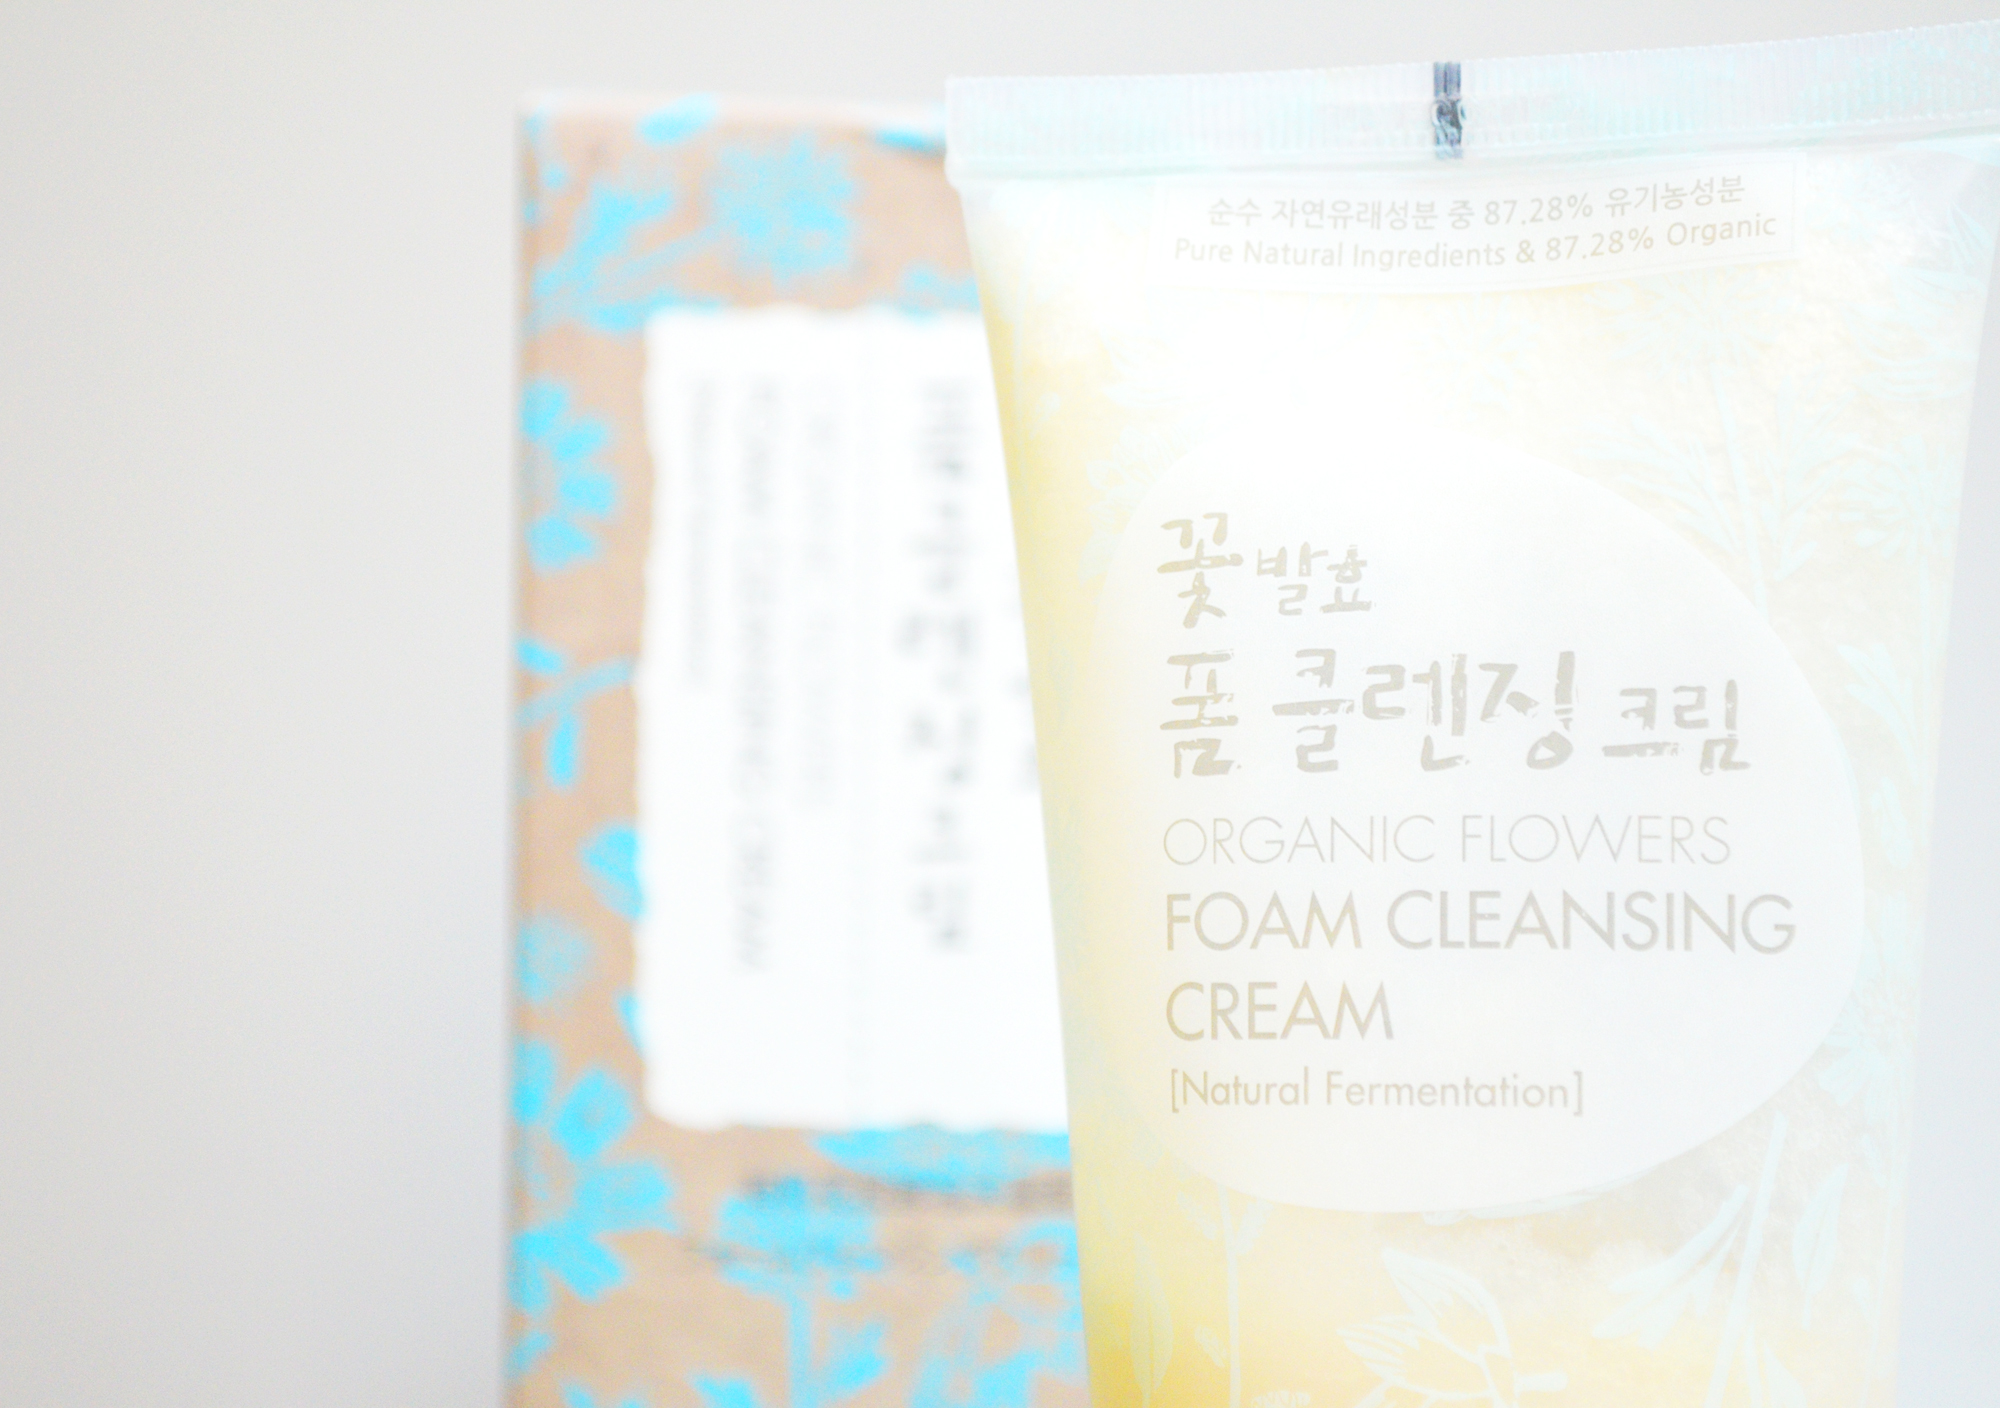 Nettoyant asiatique bio et fermenté Whamisa Organic Flowers Foam Cleansing Cream